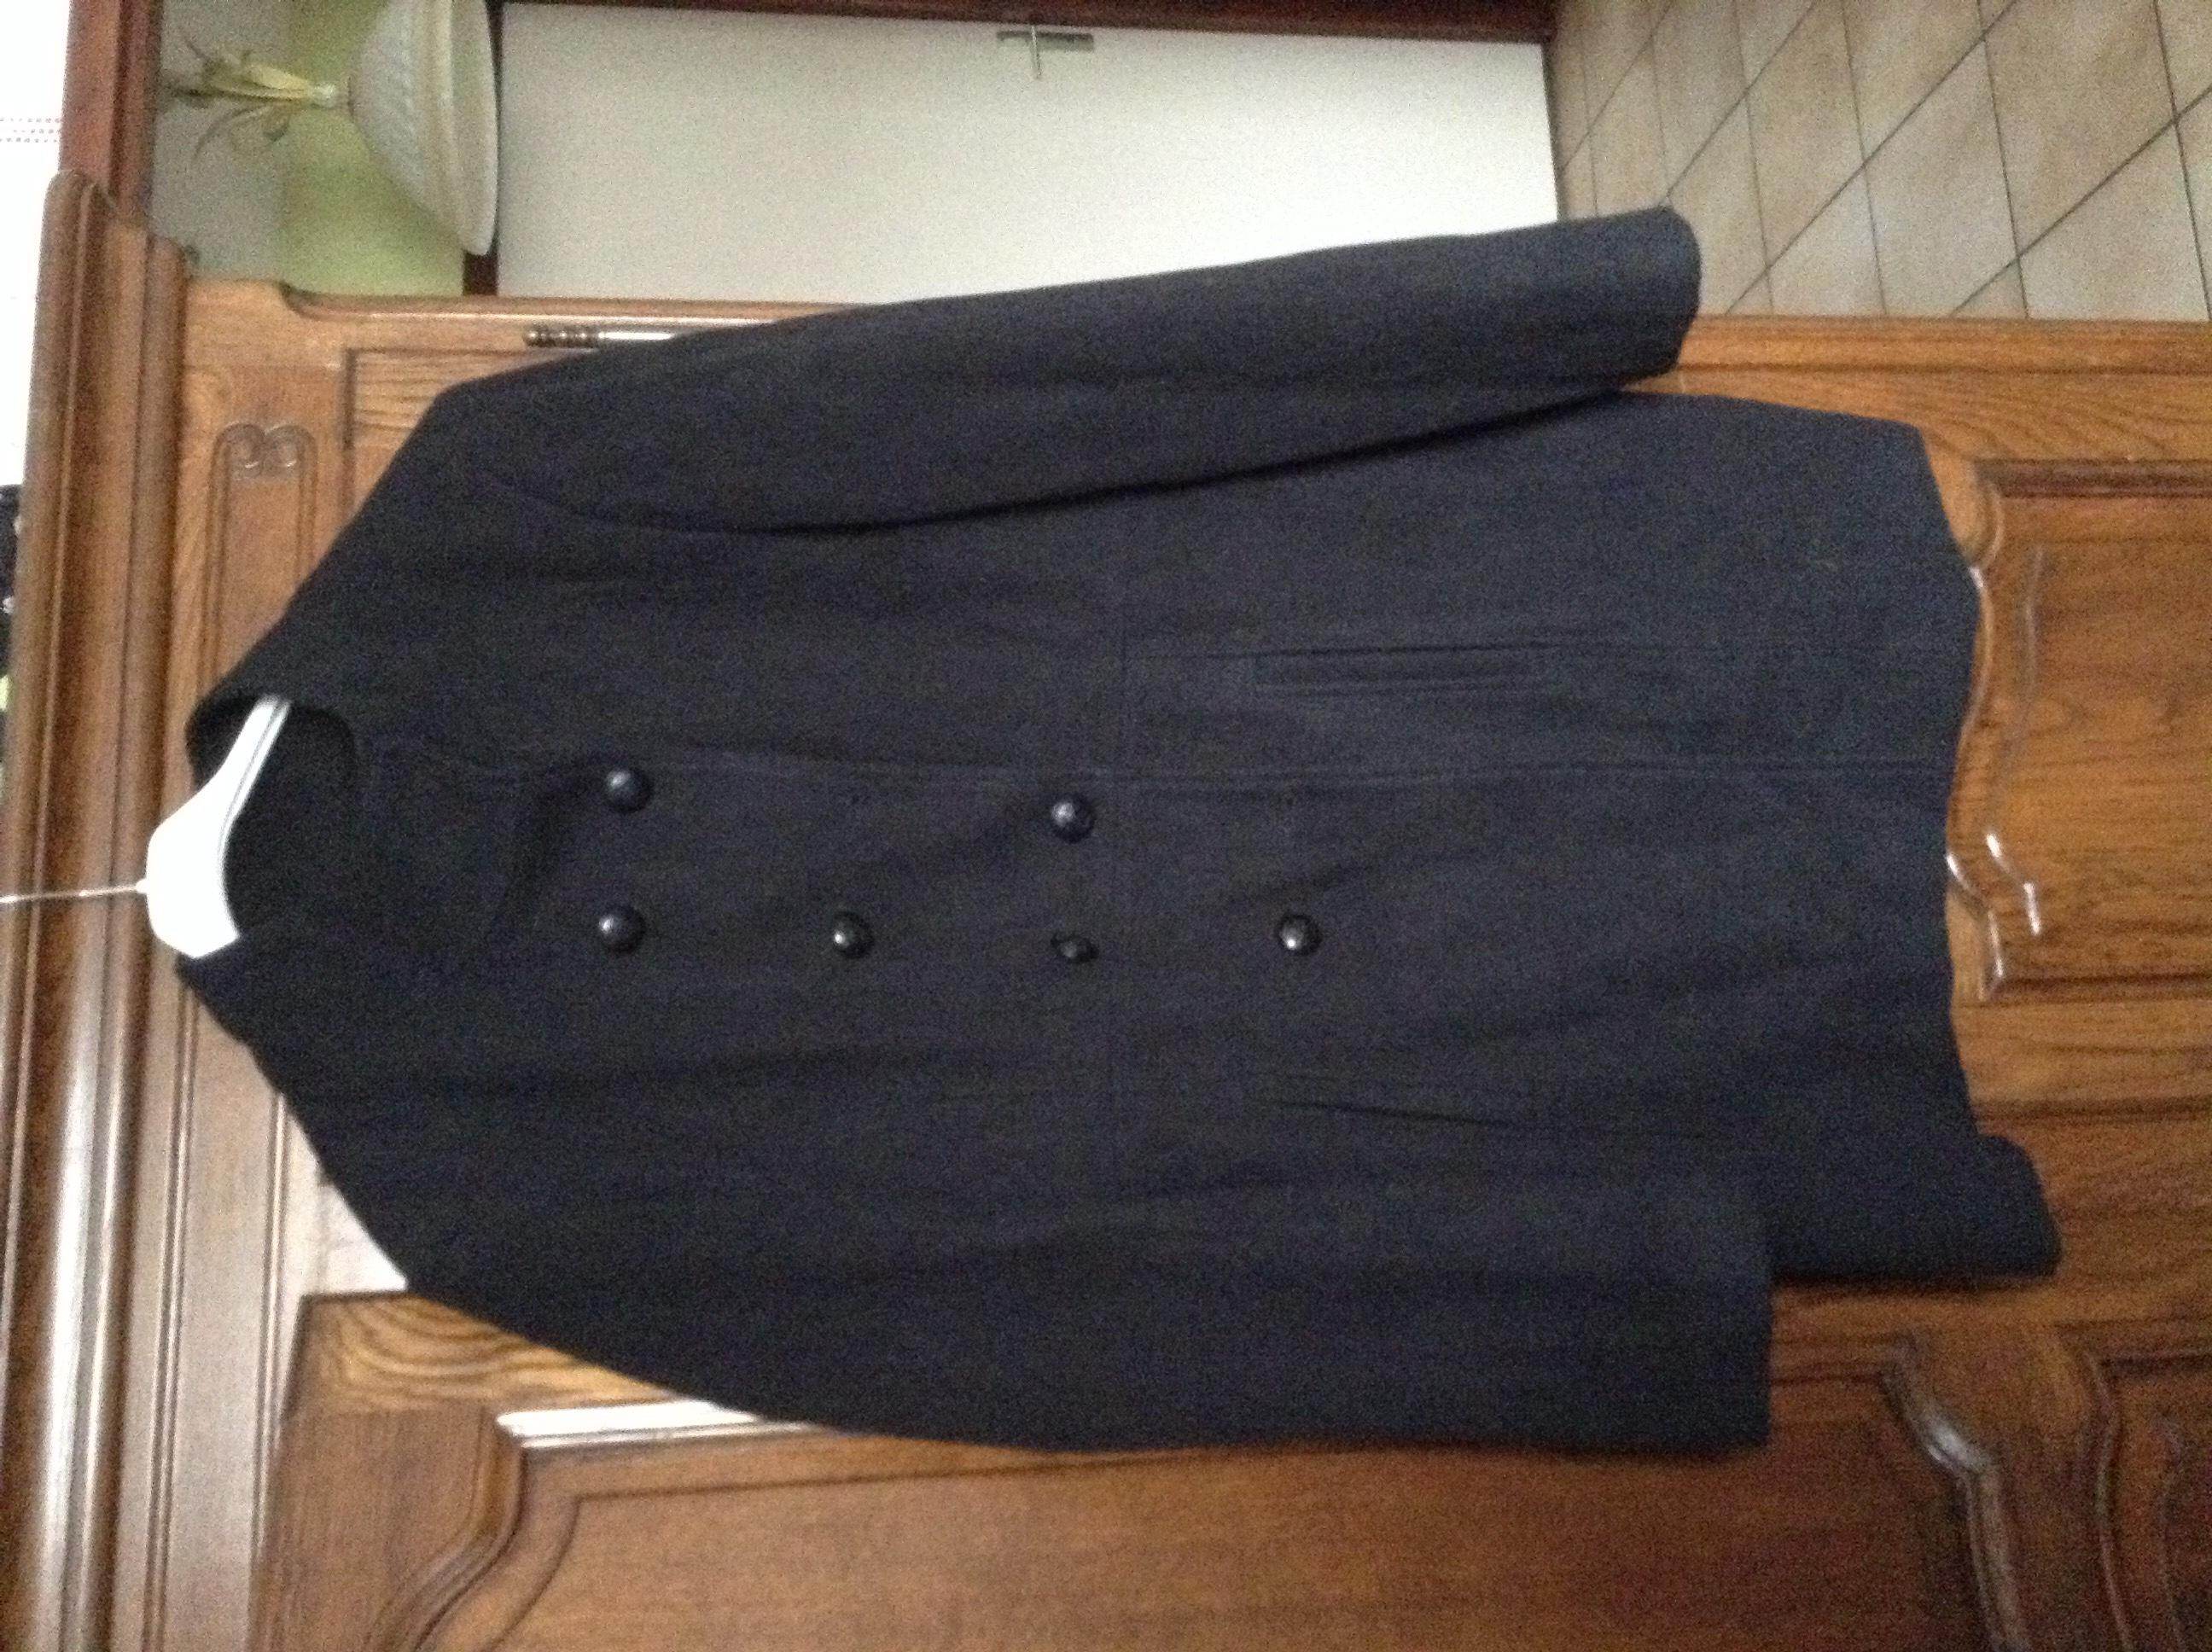 707d8fb61b7f3 Achetez manteau long femme quasi neuf, annonce vente à Dijon (21 ...